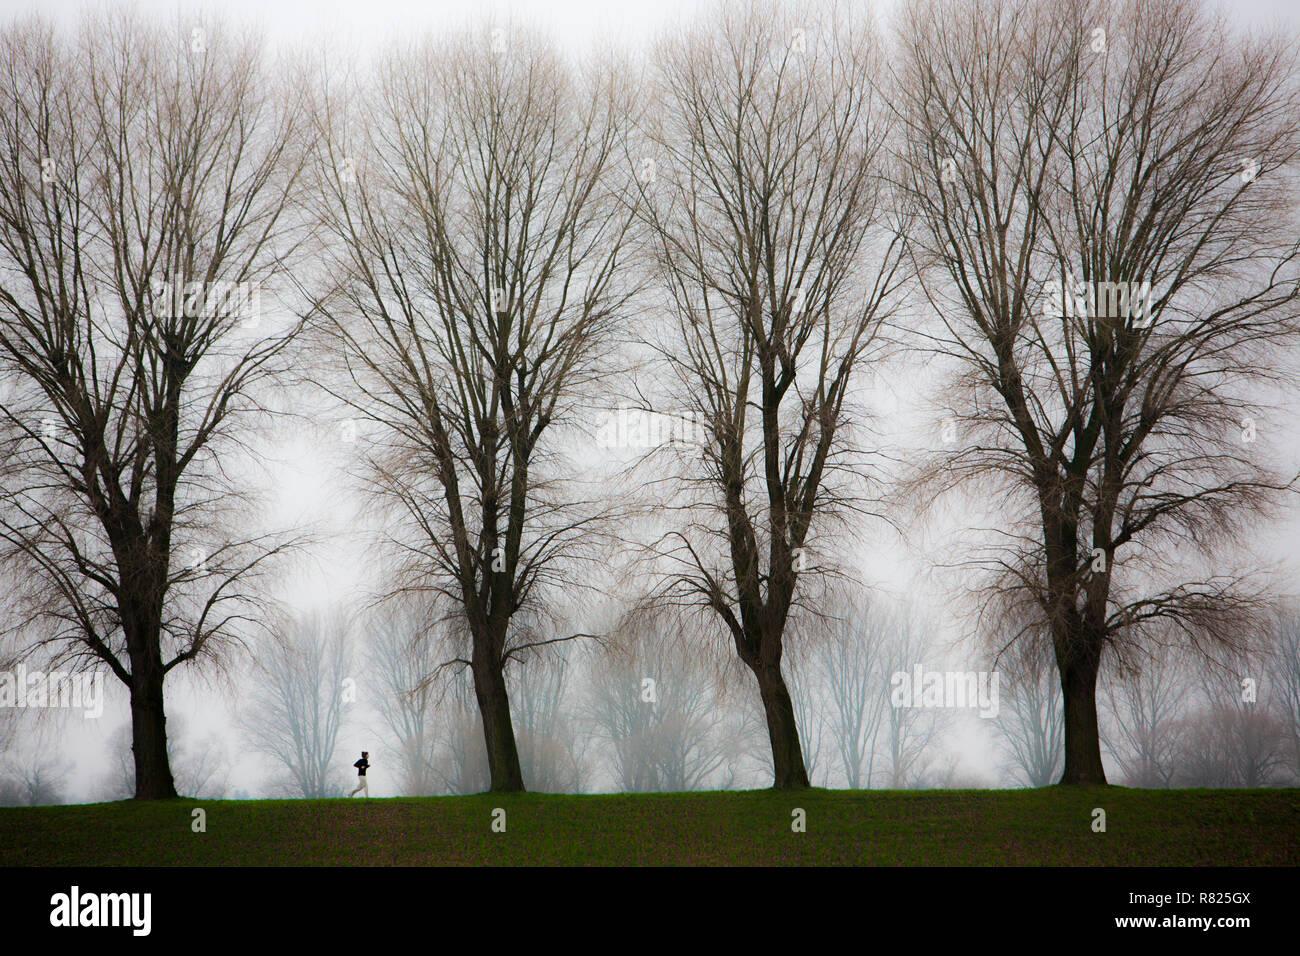 Jogger, terne de l'hiver, le brouillard, les arbres nus, bei Stockum, DŸsseldorf, Rhénanie du Nord-Westphalie, Allemagne Photo Stock